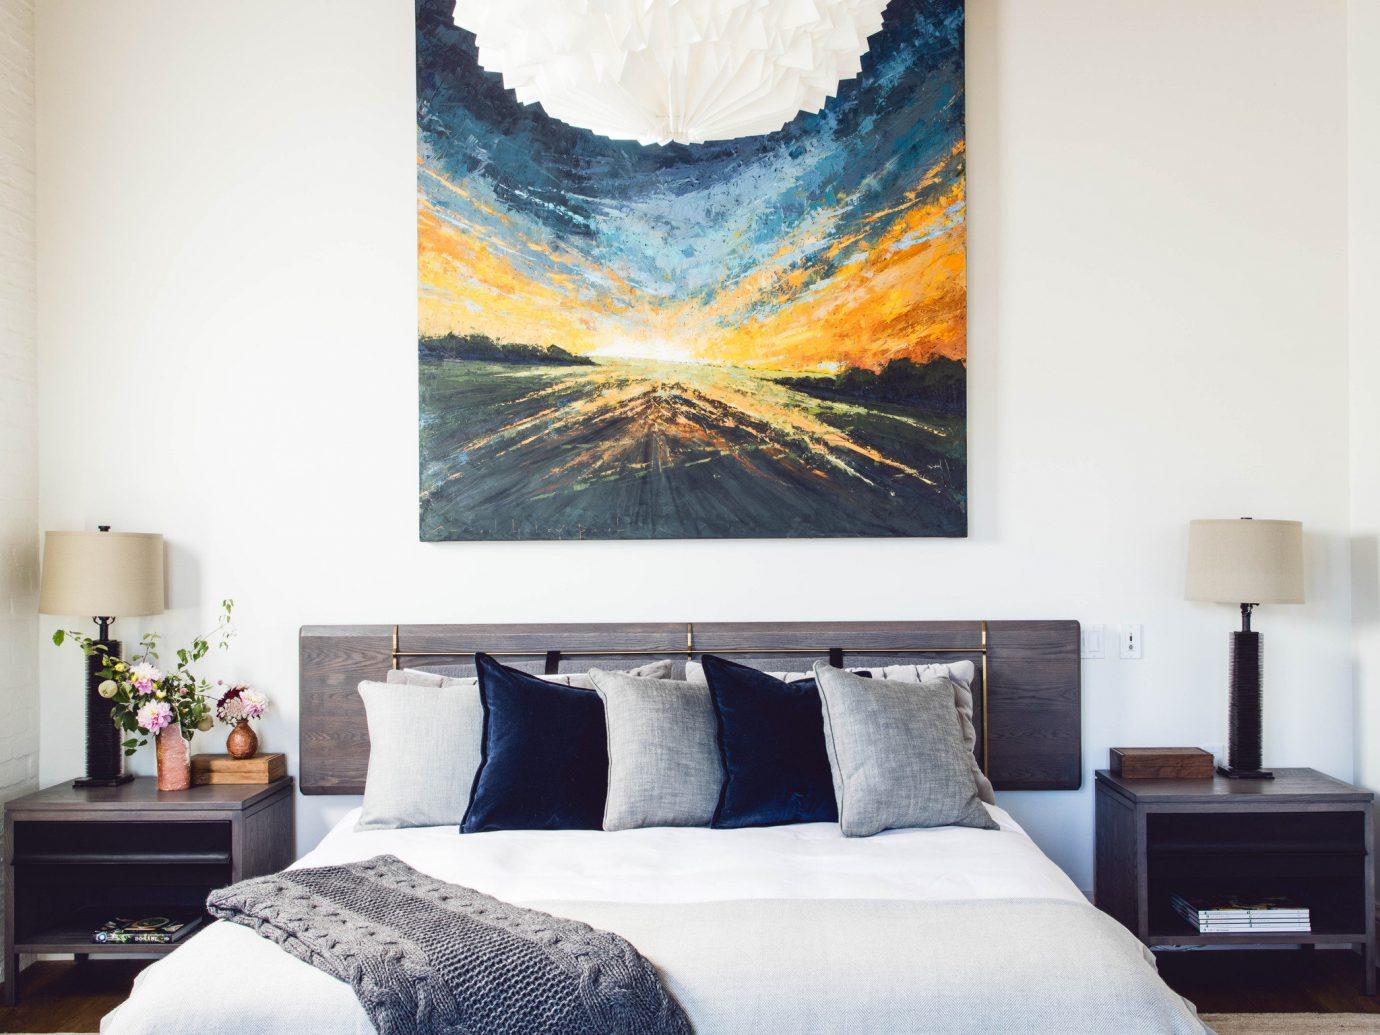 Food + Drink Hotels indoor wall bed room Bedroom pillow interior design living room floor furniture home bed sheet bed frame Design ceiling